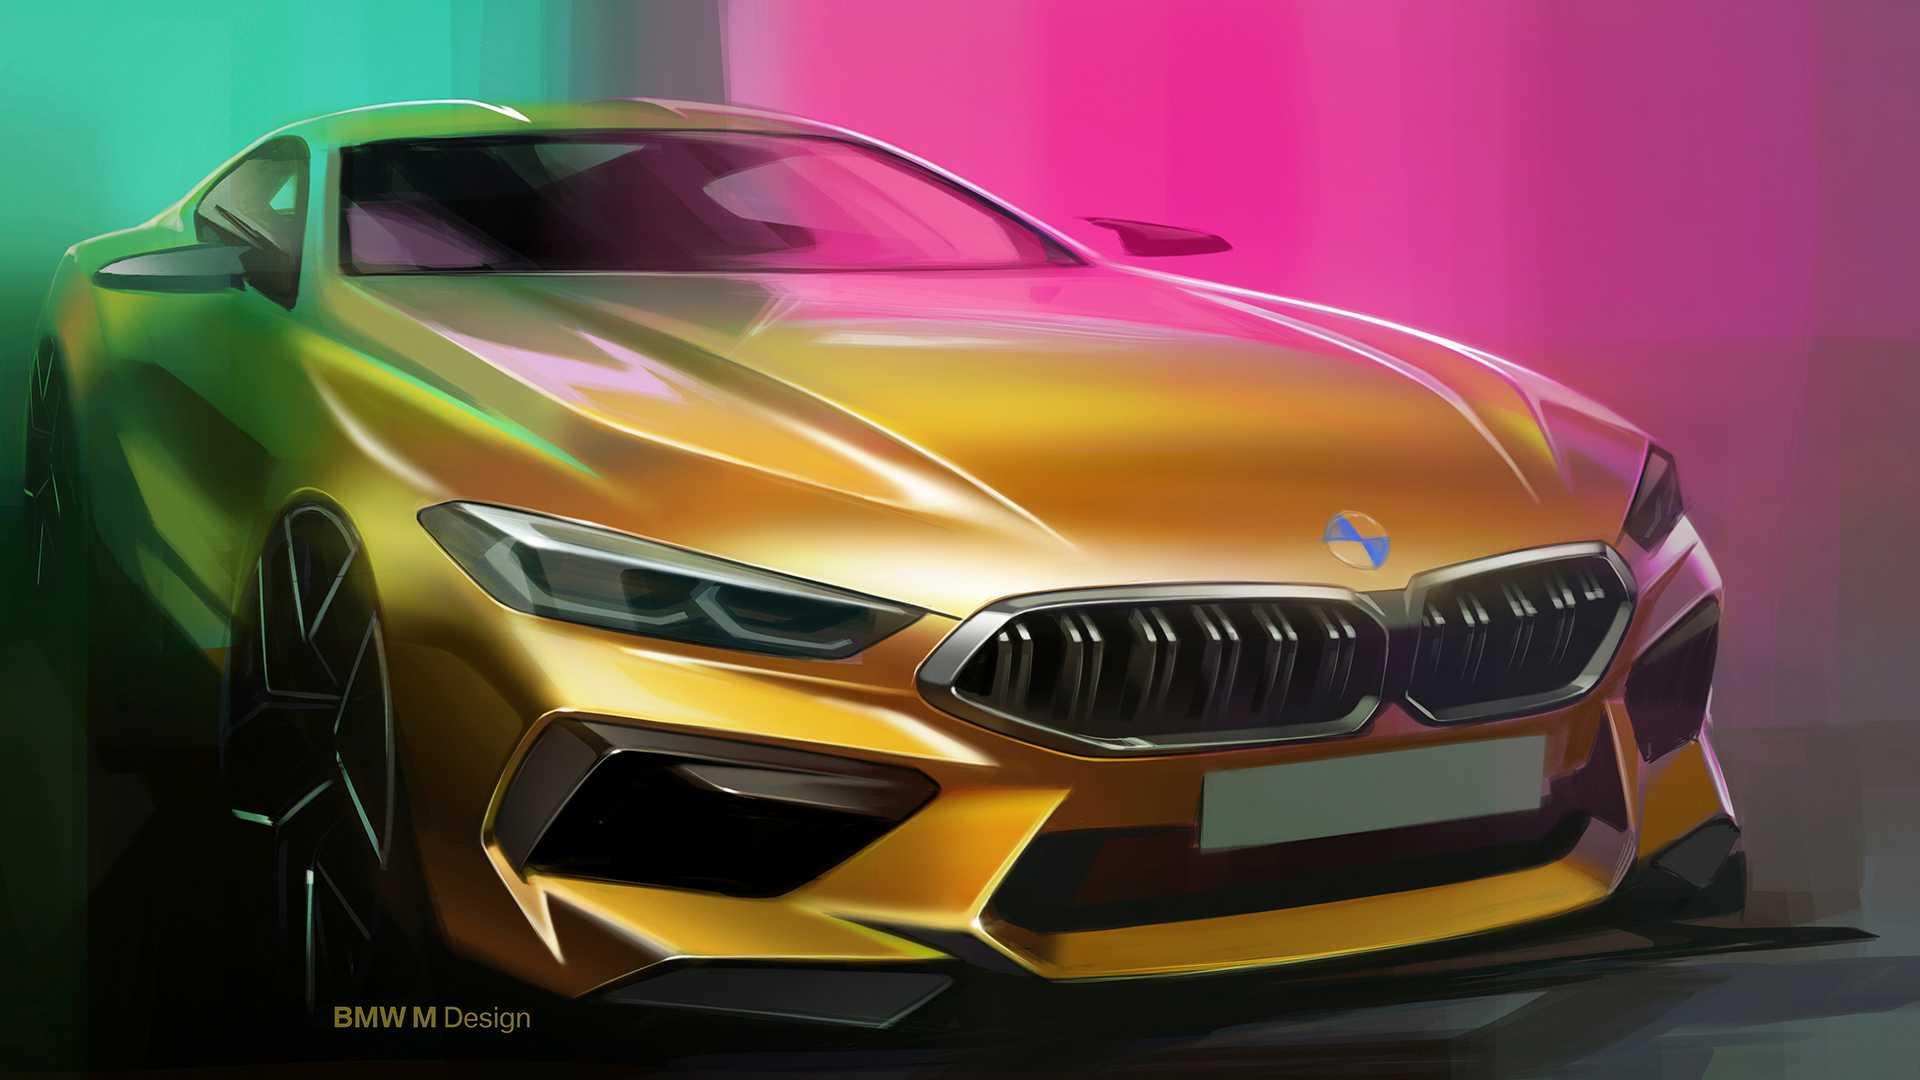 2019-bmw-m8-cabriolet-51